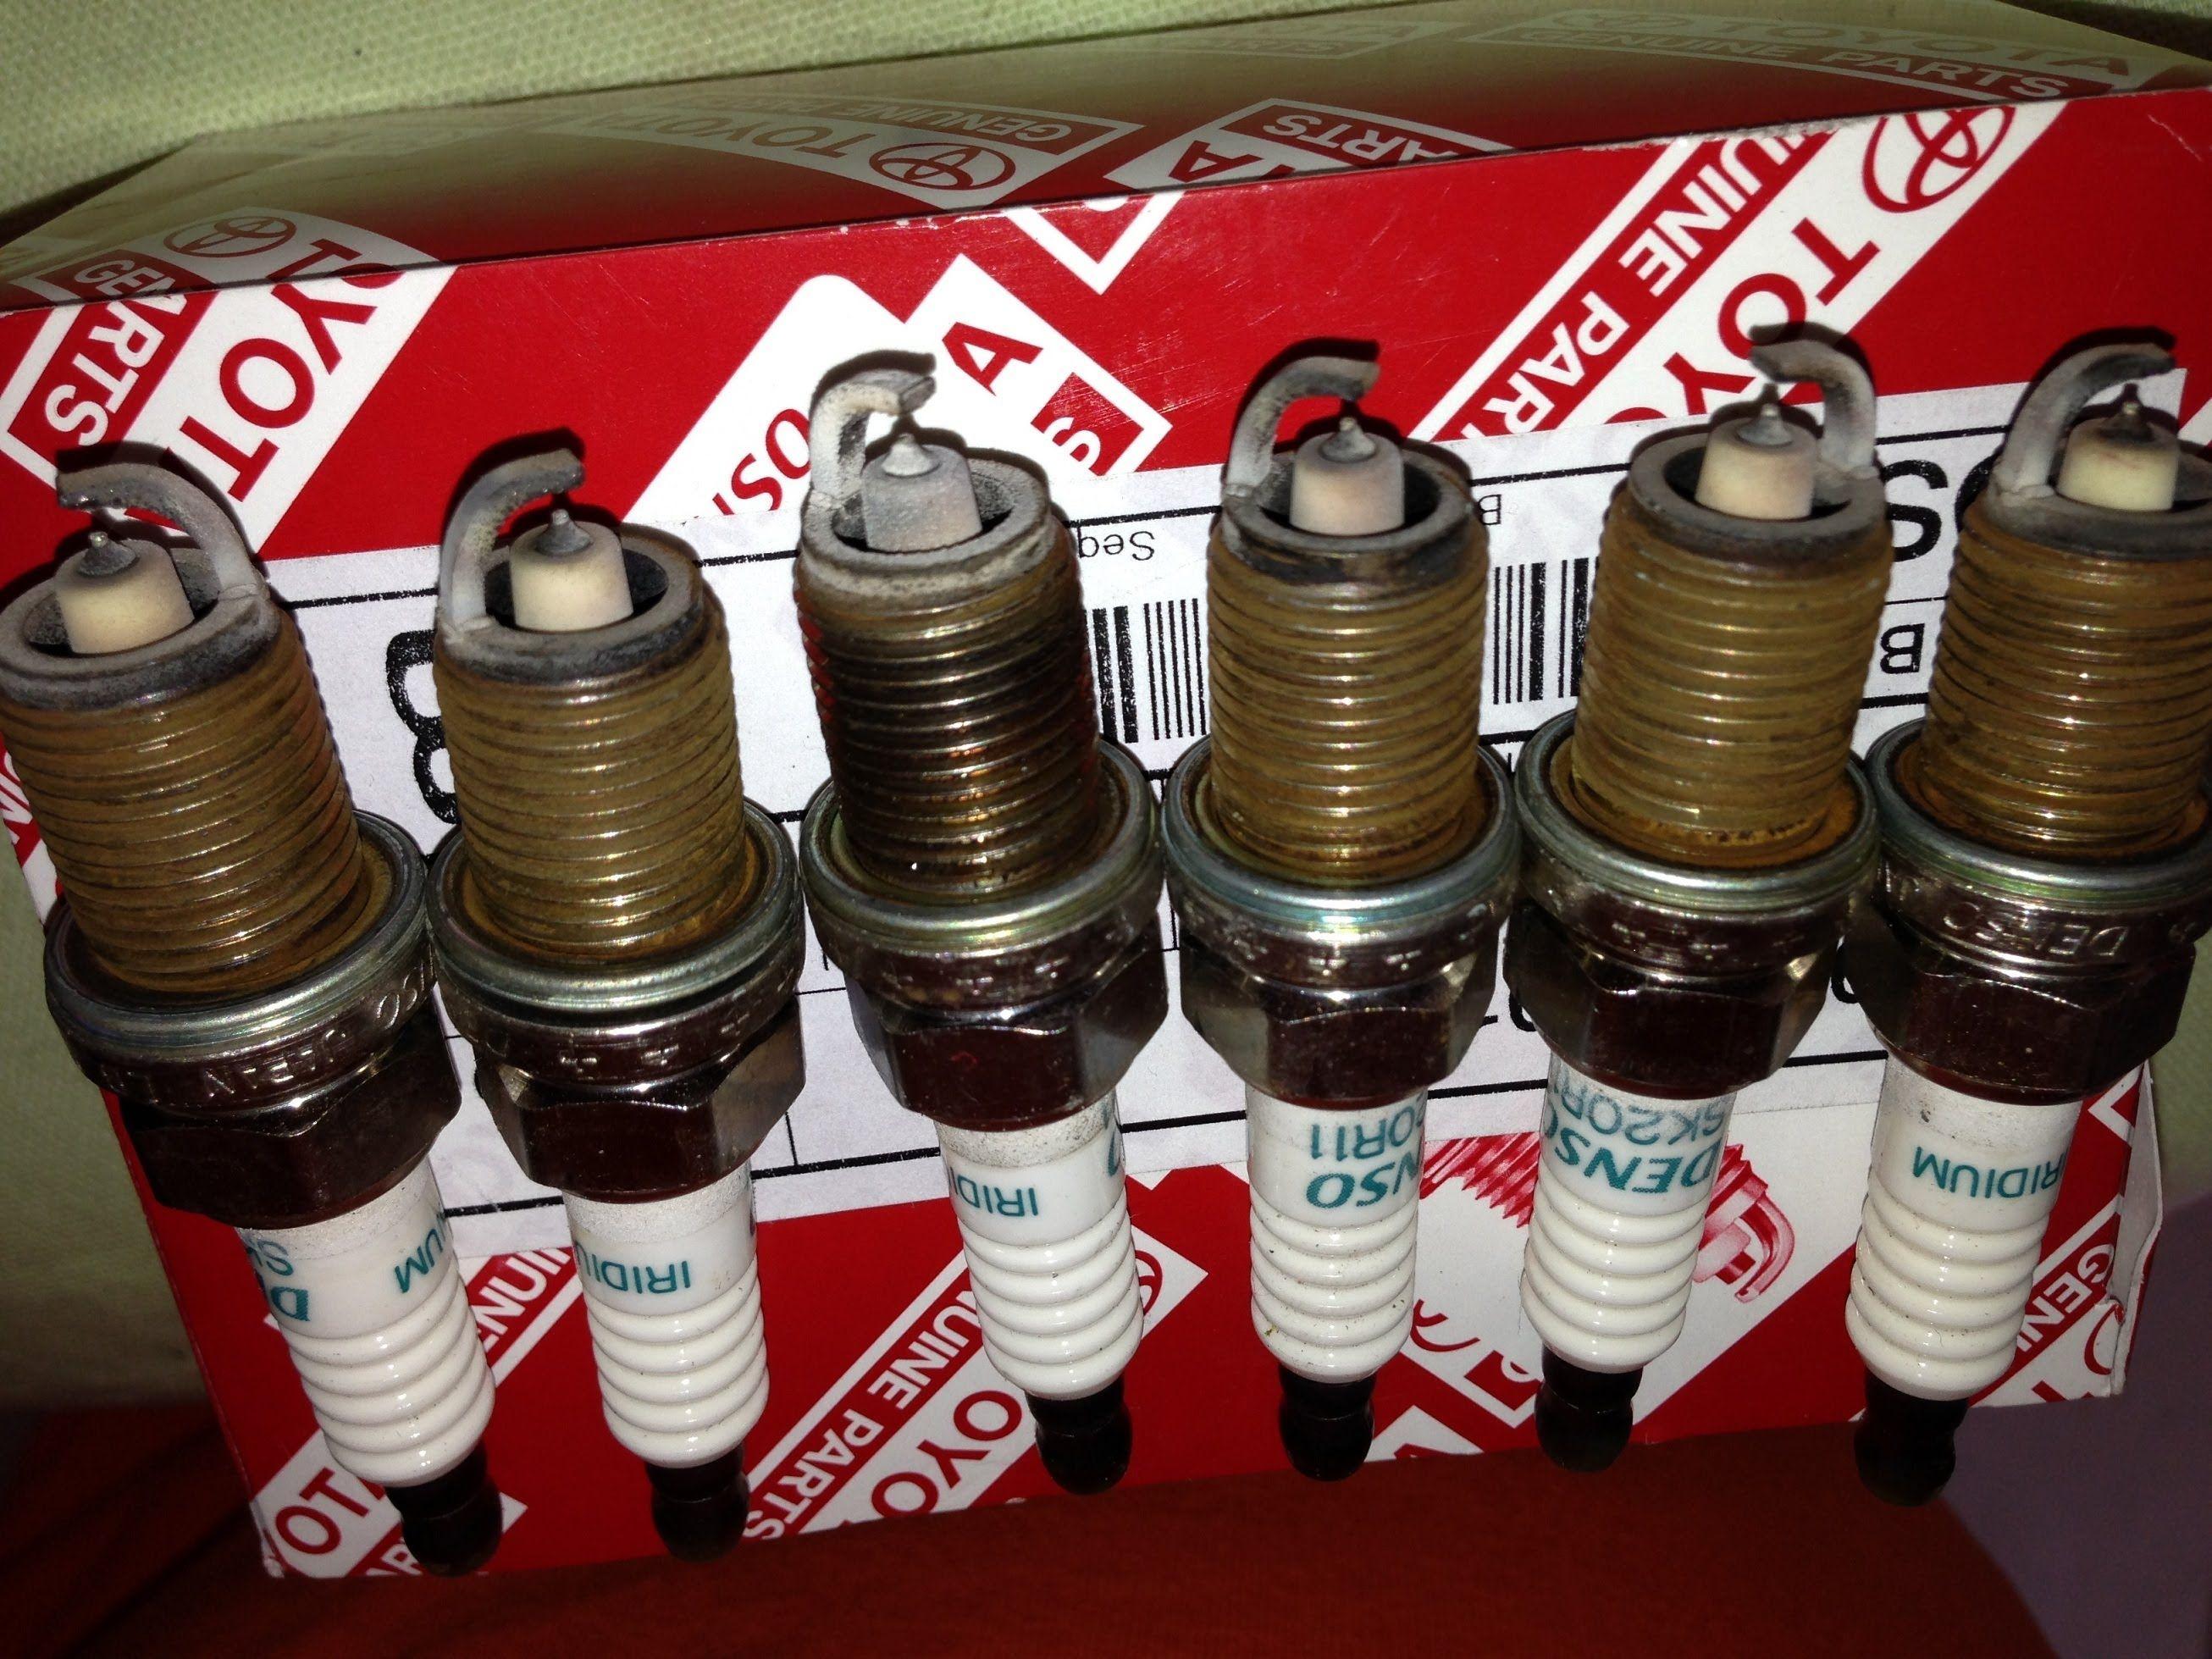 2001 lexus RX300 spark plug change http://strictlyforeign.biz/index.